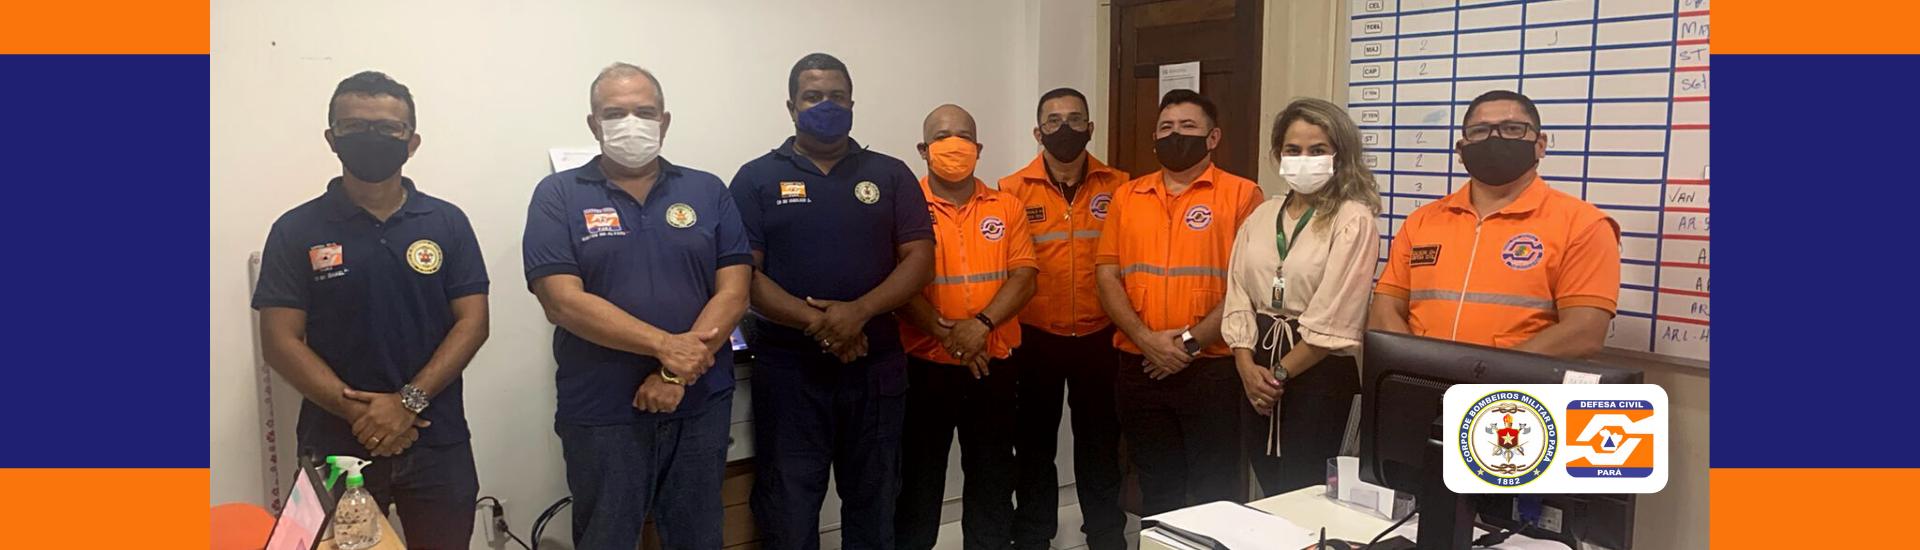 Coordenador municipal de Paragominas e sua equipe técnica visitam a Defesa Civil